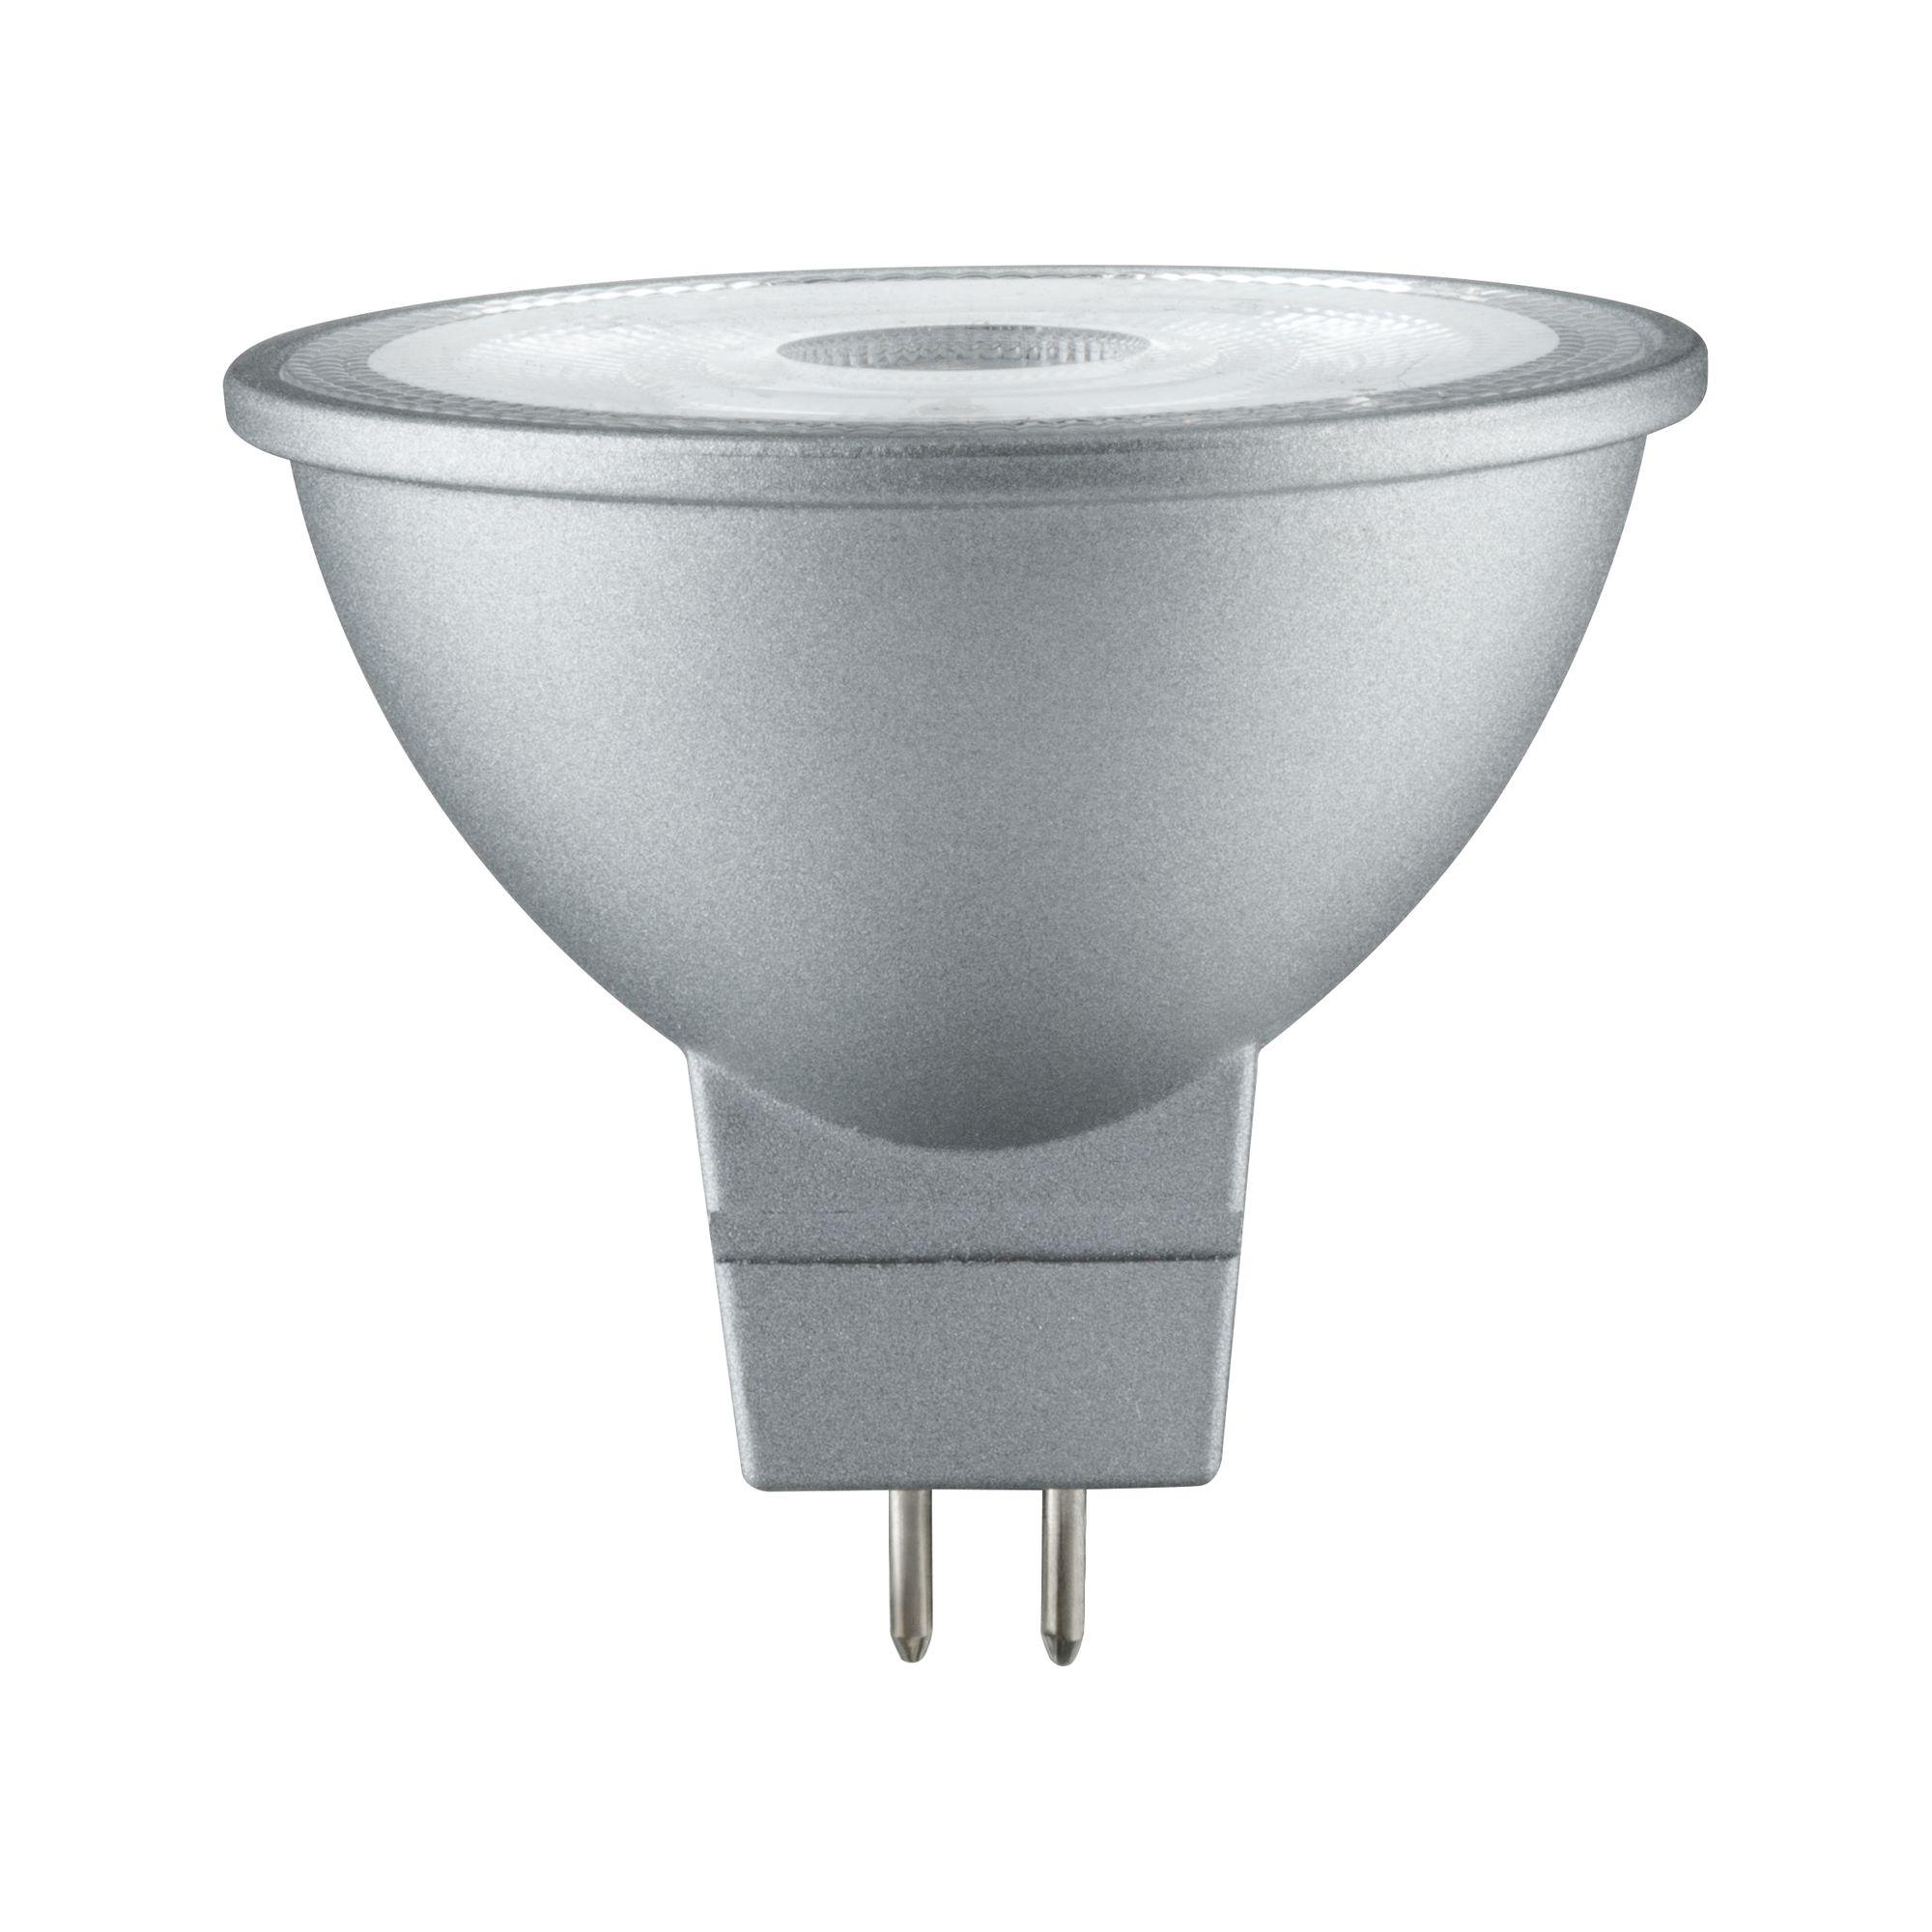 Лампа светодиодная Paulmann Рефлекторная 4.5Вт 345лм 2700K GU5.3 230В Алюминий Дим. 28465.